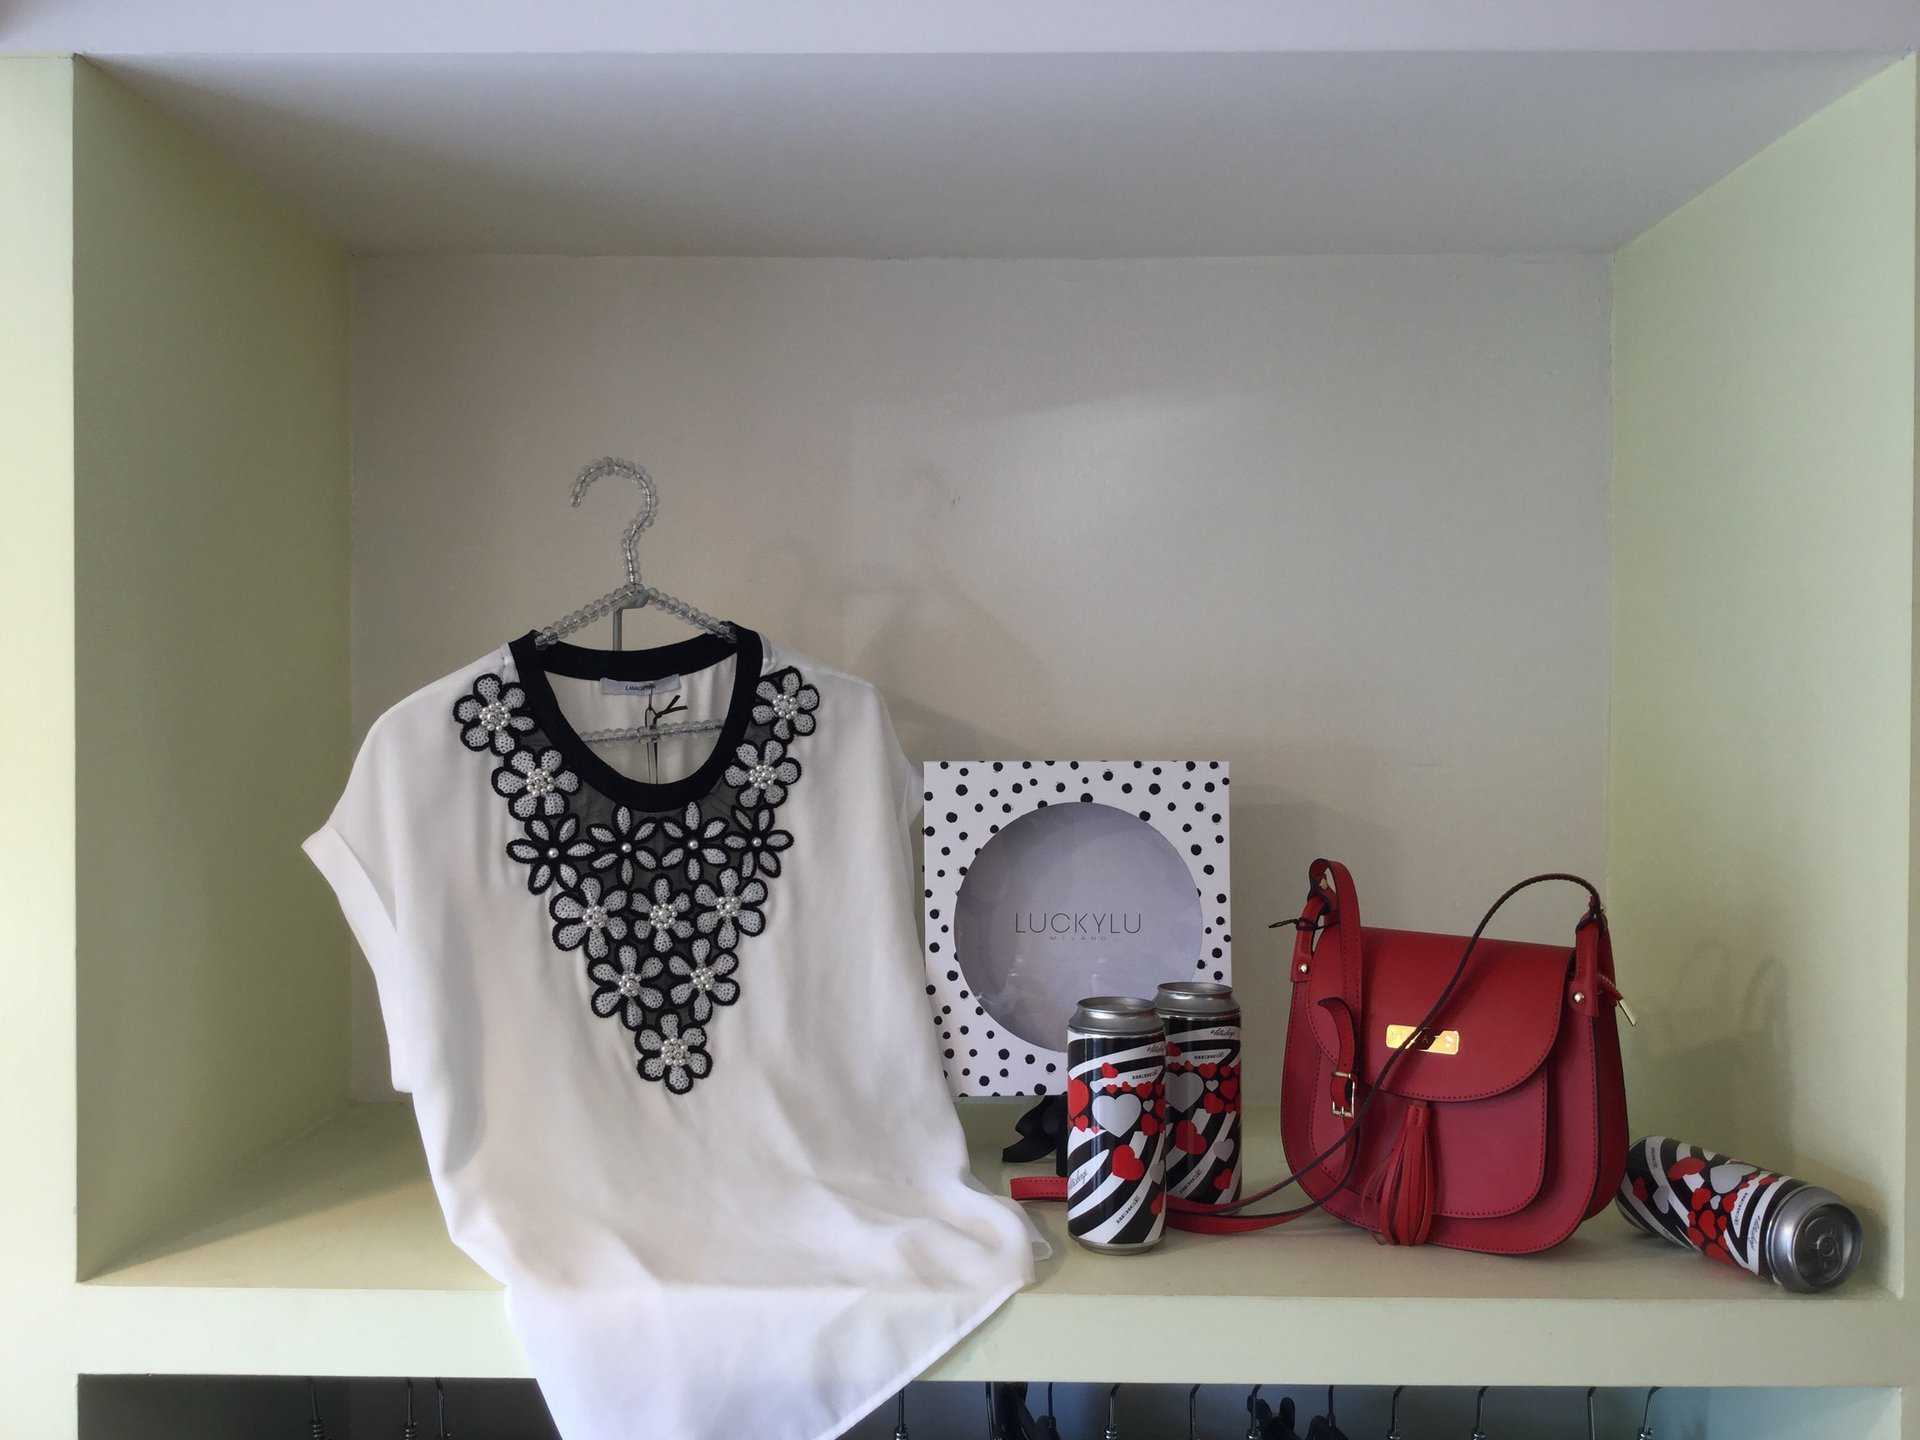 vendita abiti taglie forti, collezioni donna, abiti unici